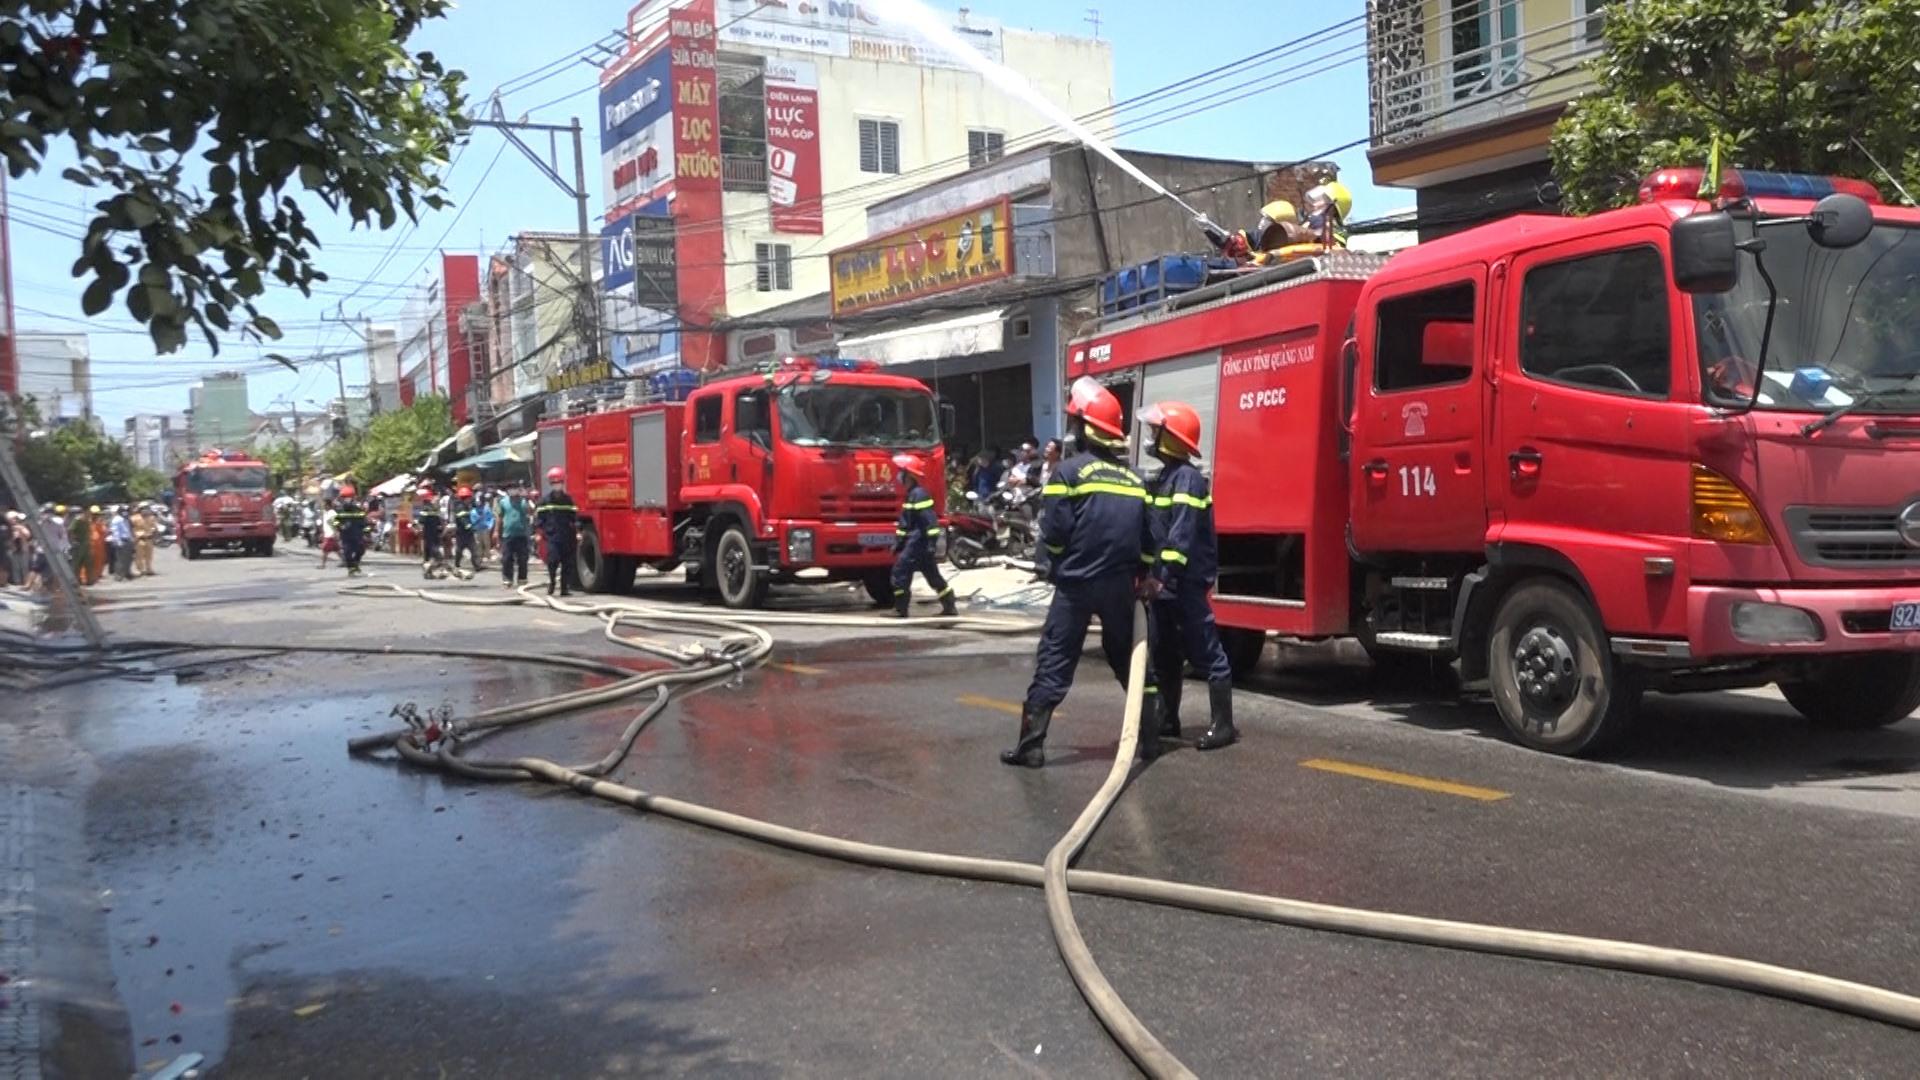 Phòng Cảnh sát phòng cháy chữa cháy và cứu nạn cứu hộ Công an tỉnh có mặt tại hiện trường dập lửa. Ảnh: B.T